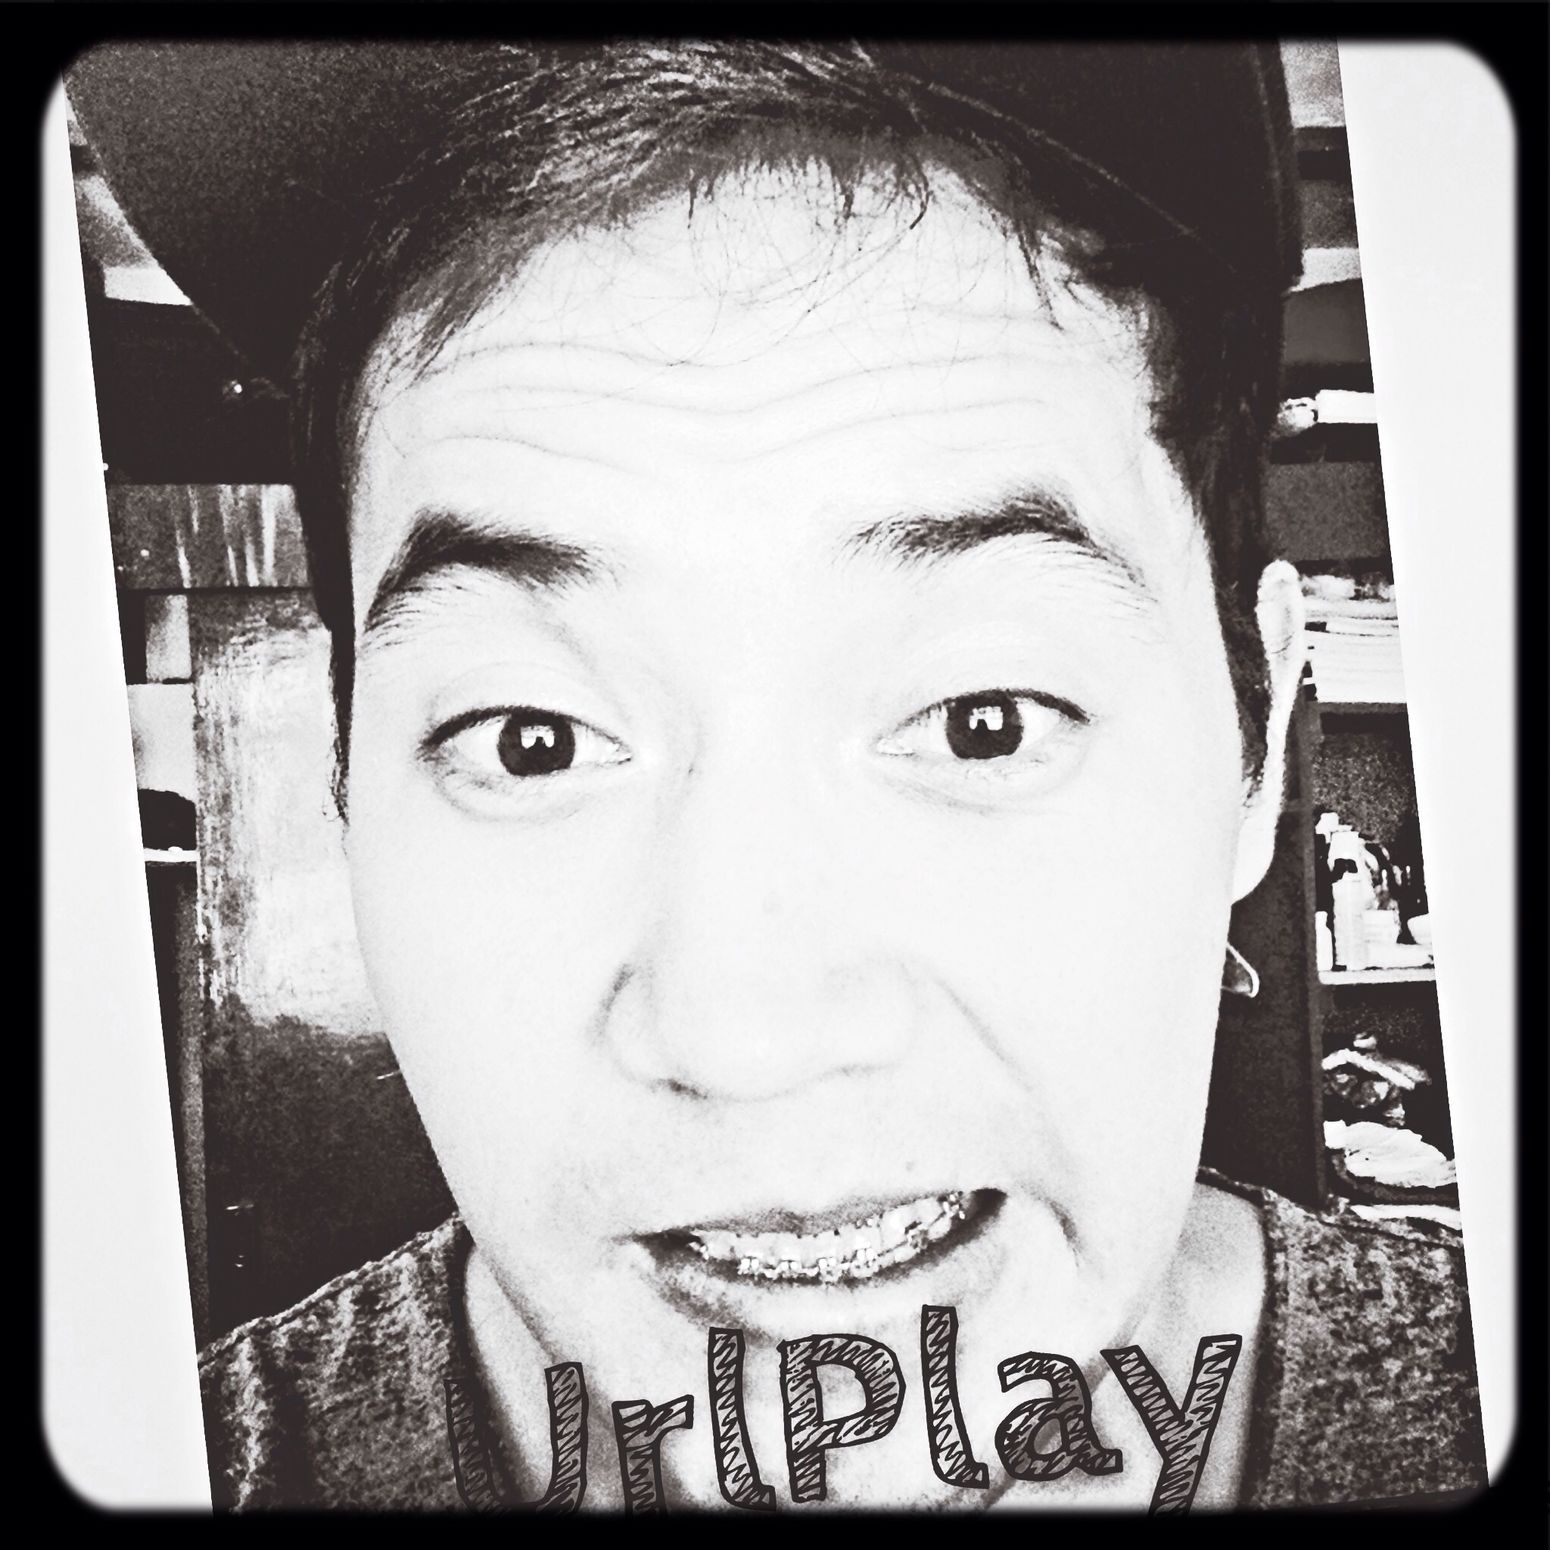 UrlPlay